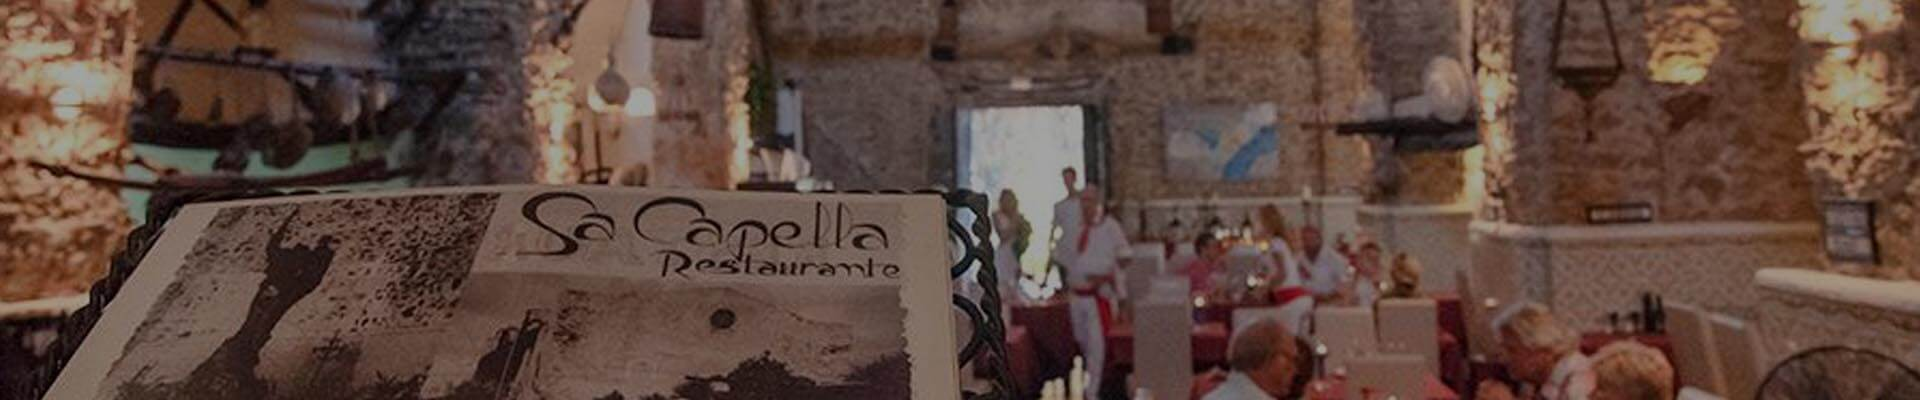 Sa Capella